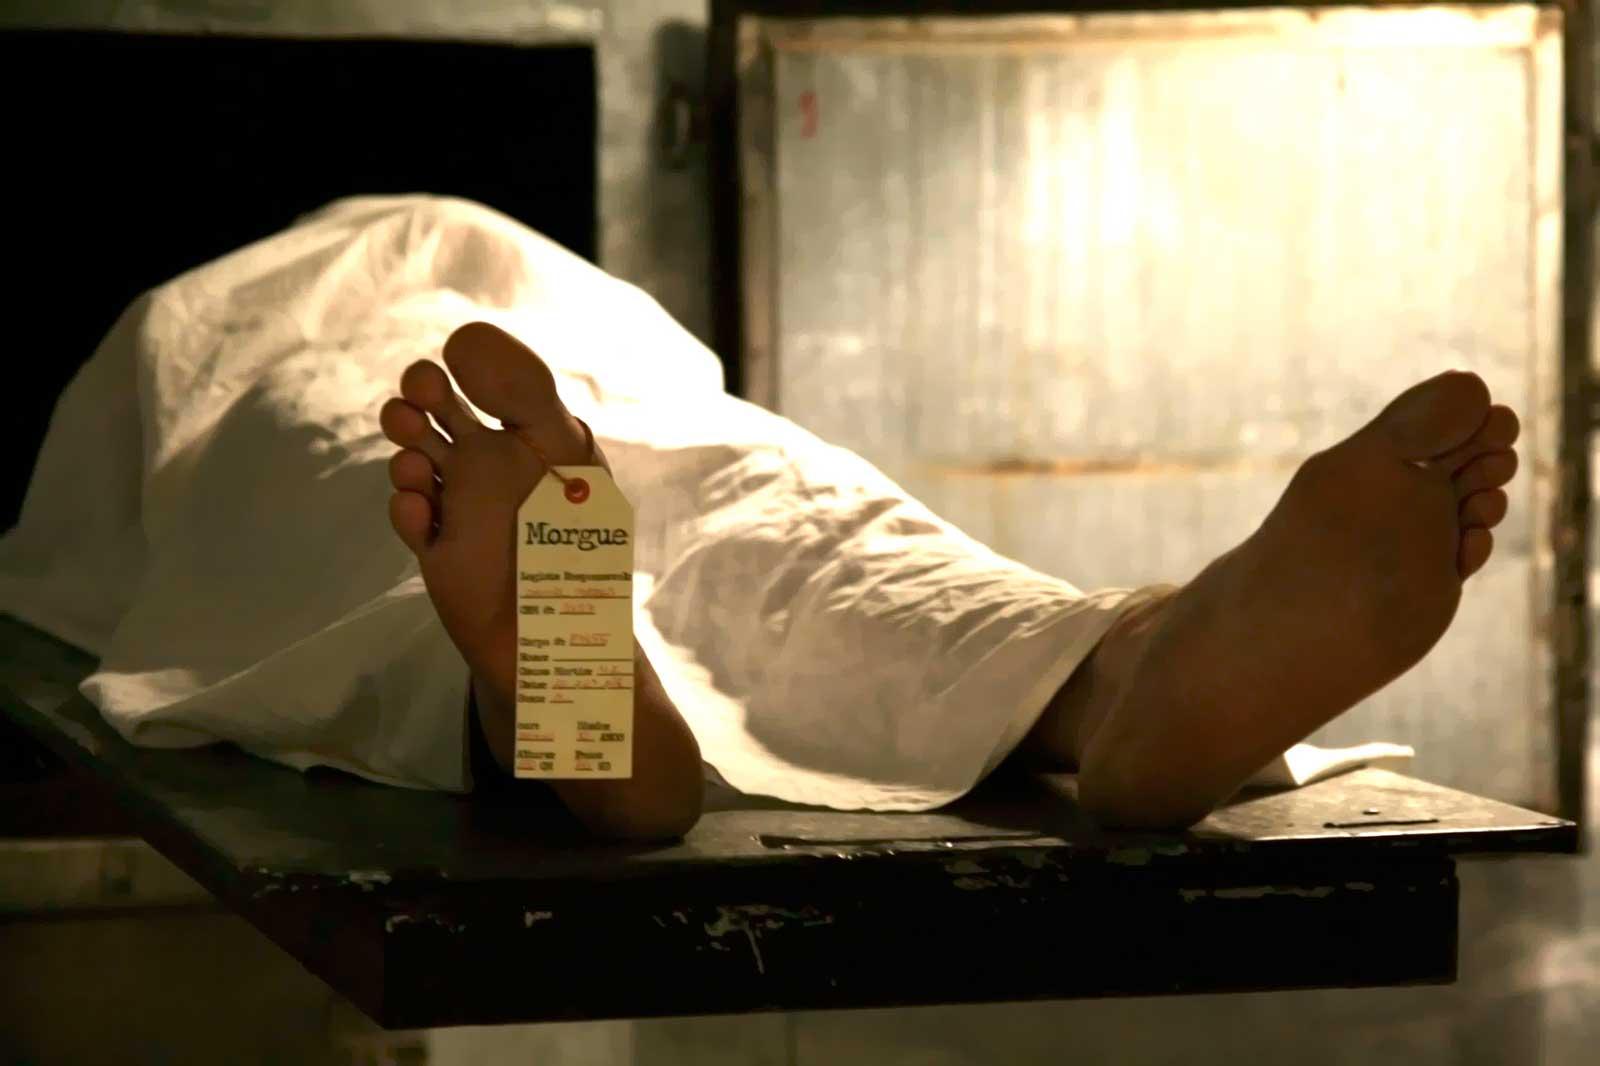 morgue-muerto